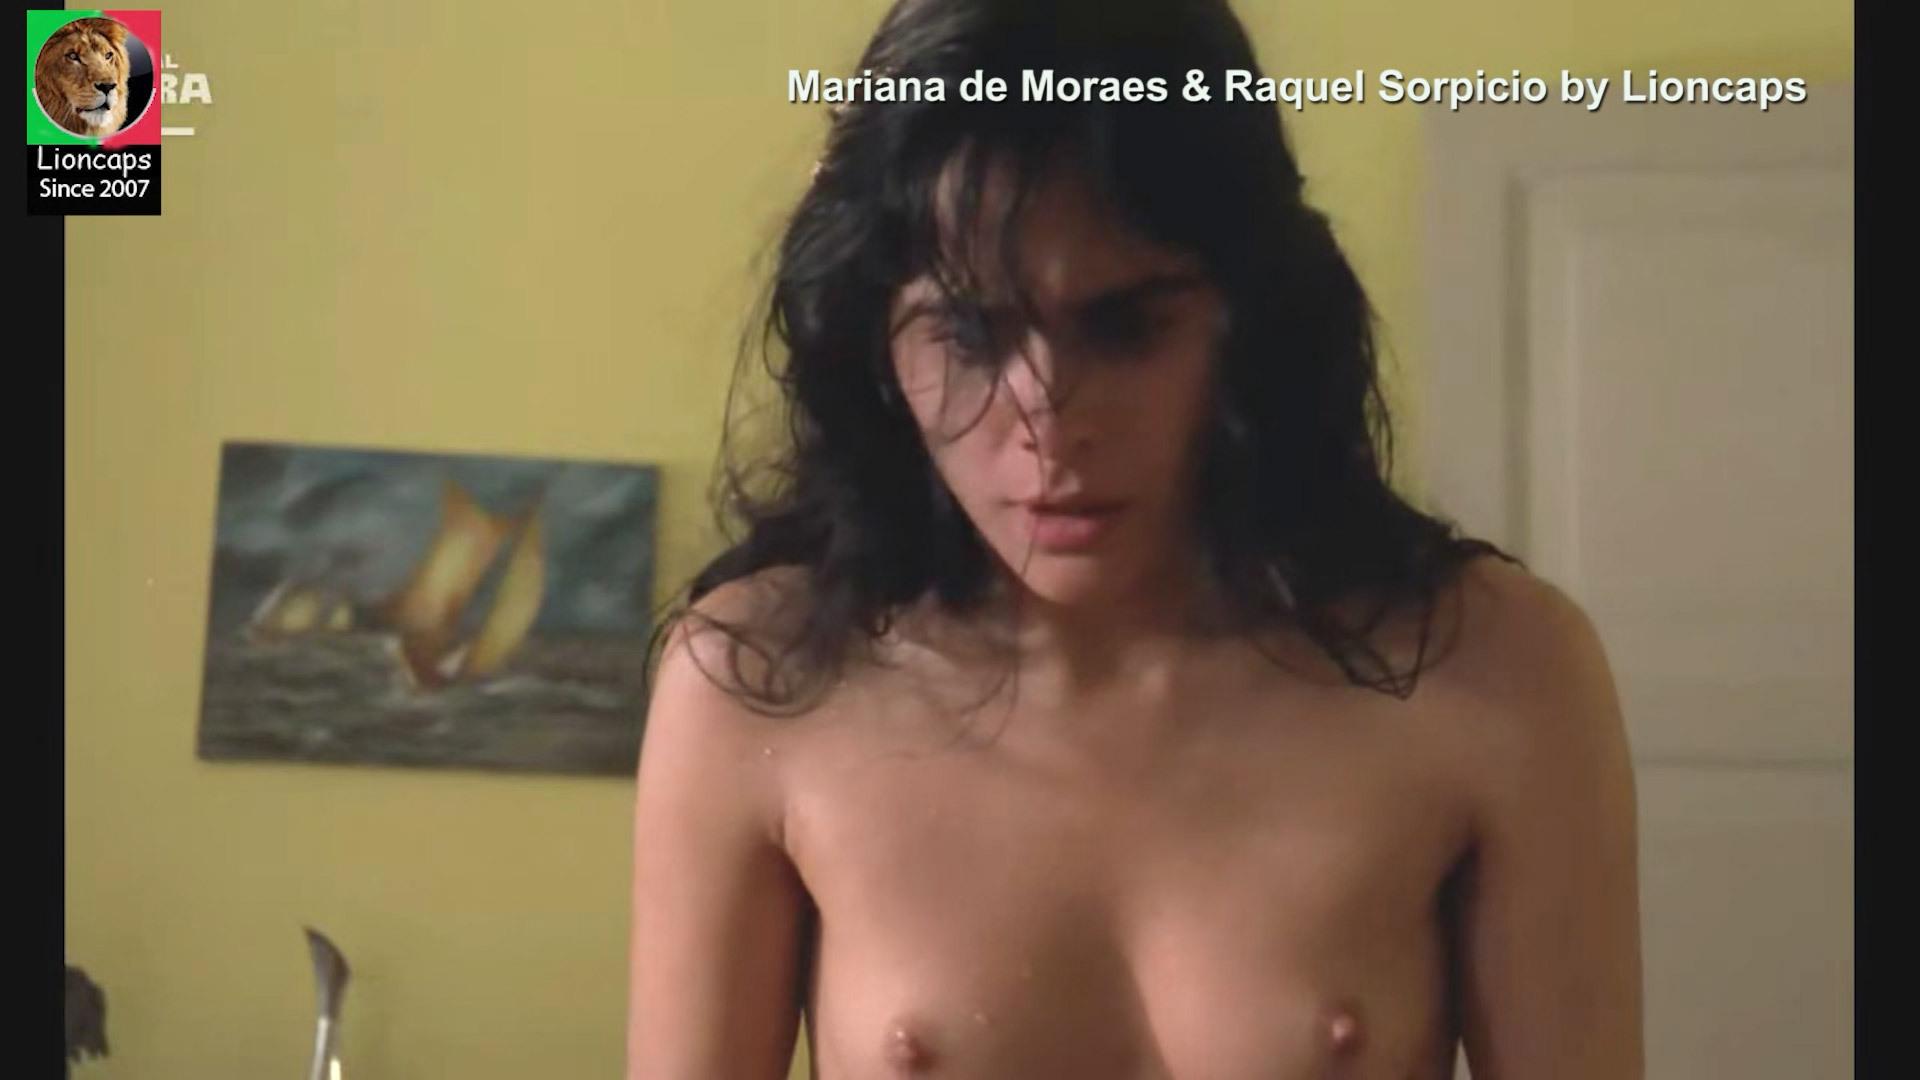 mariana_moraes_raquel_sorpicio_matou_familia_lioncaps_29_11_2020_1b (13).jpg